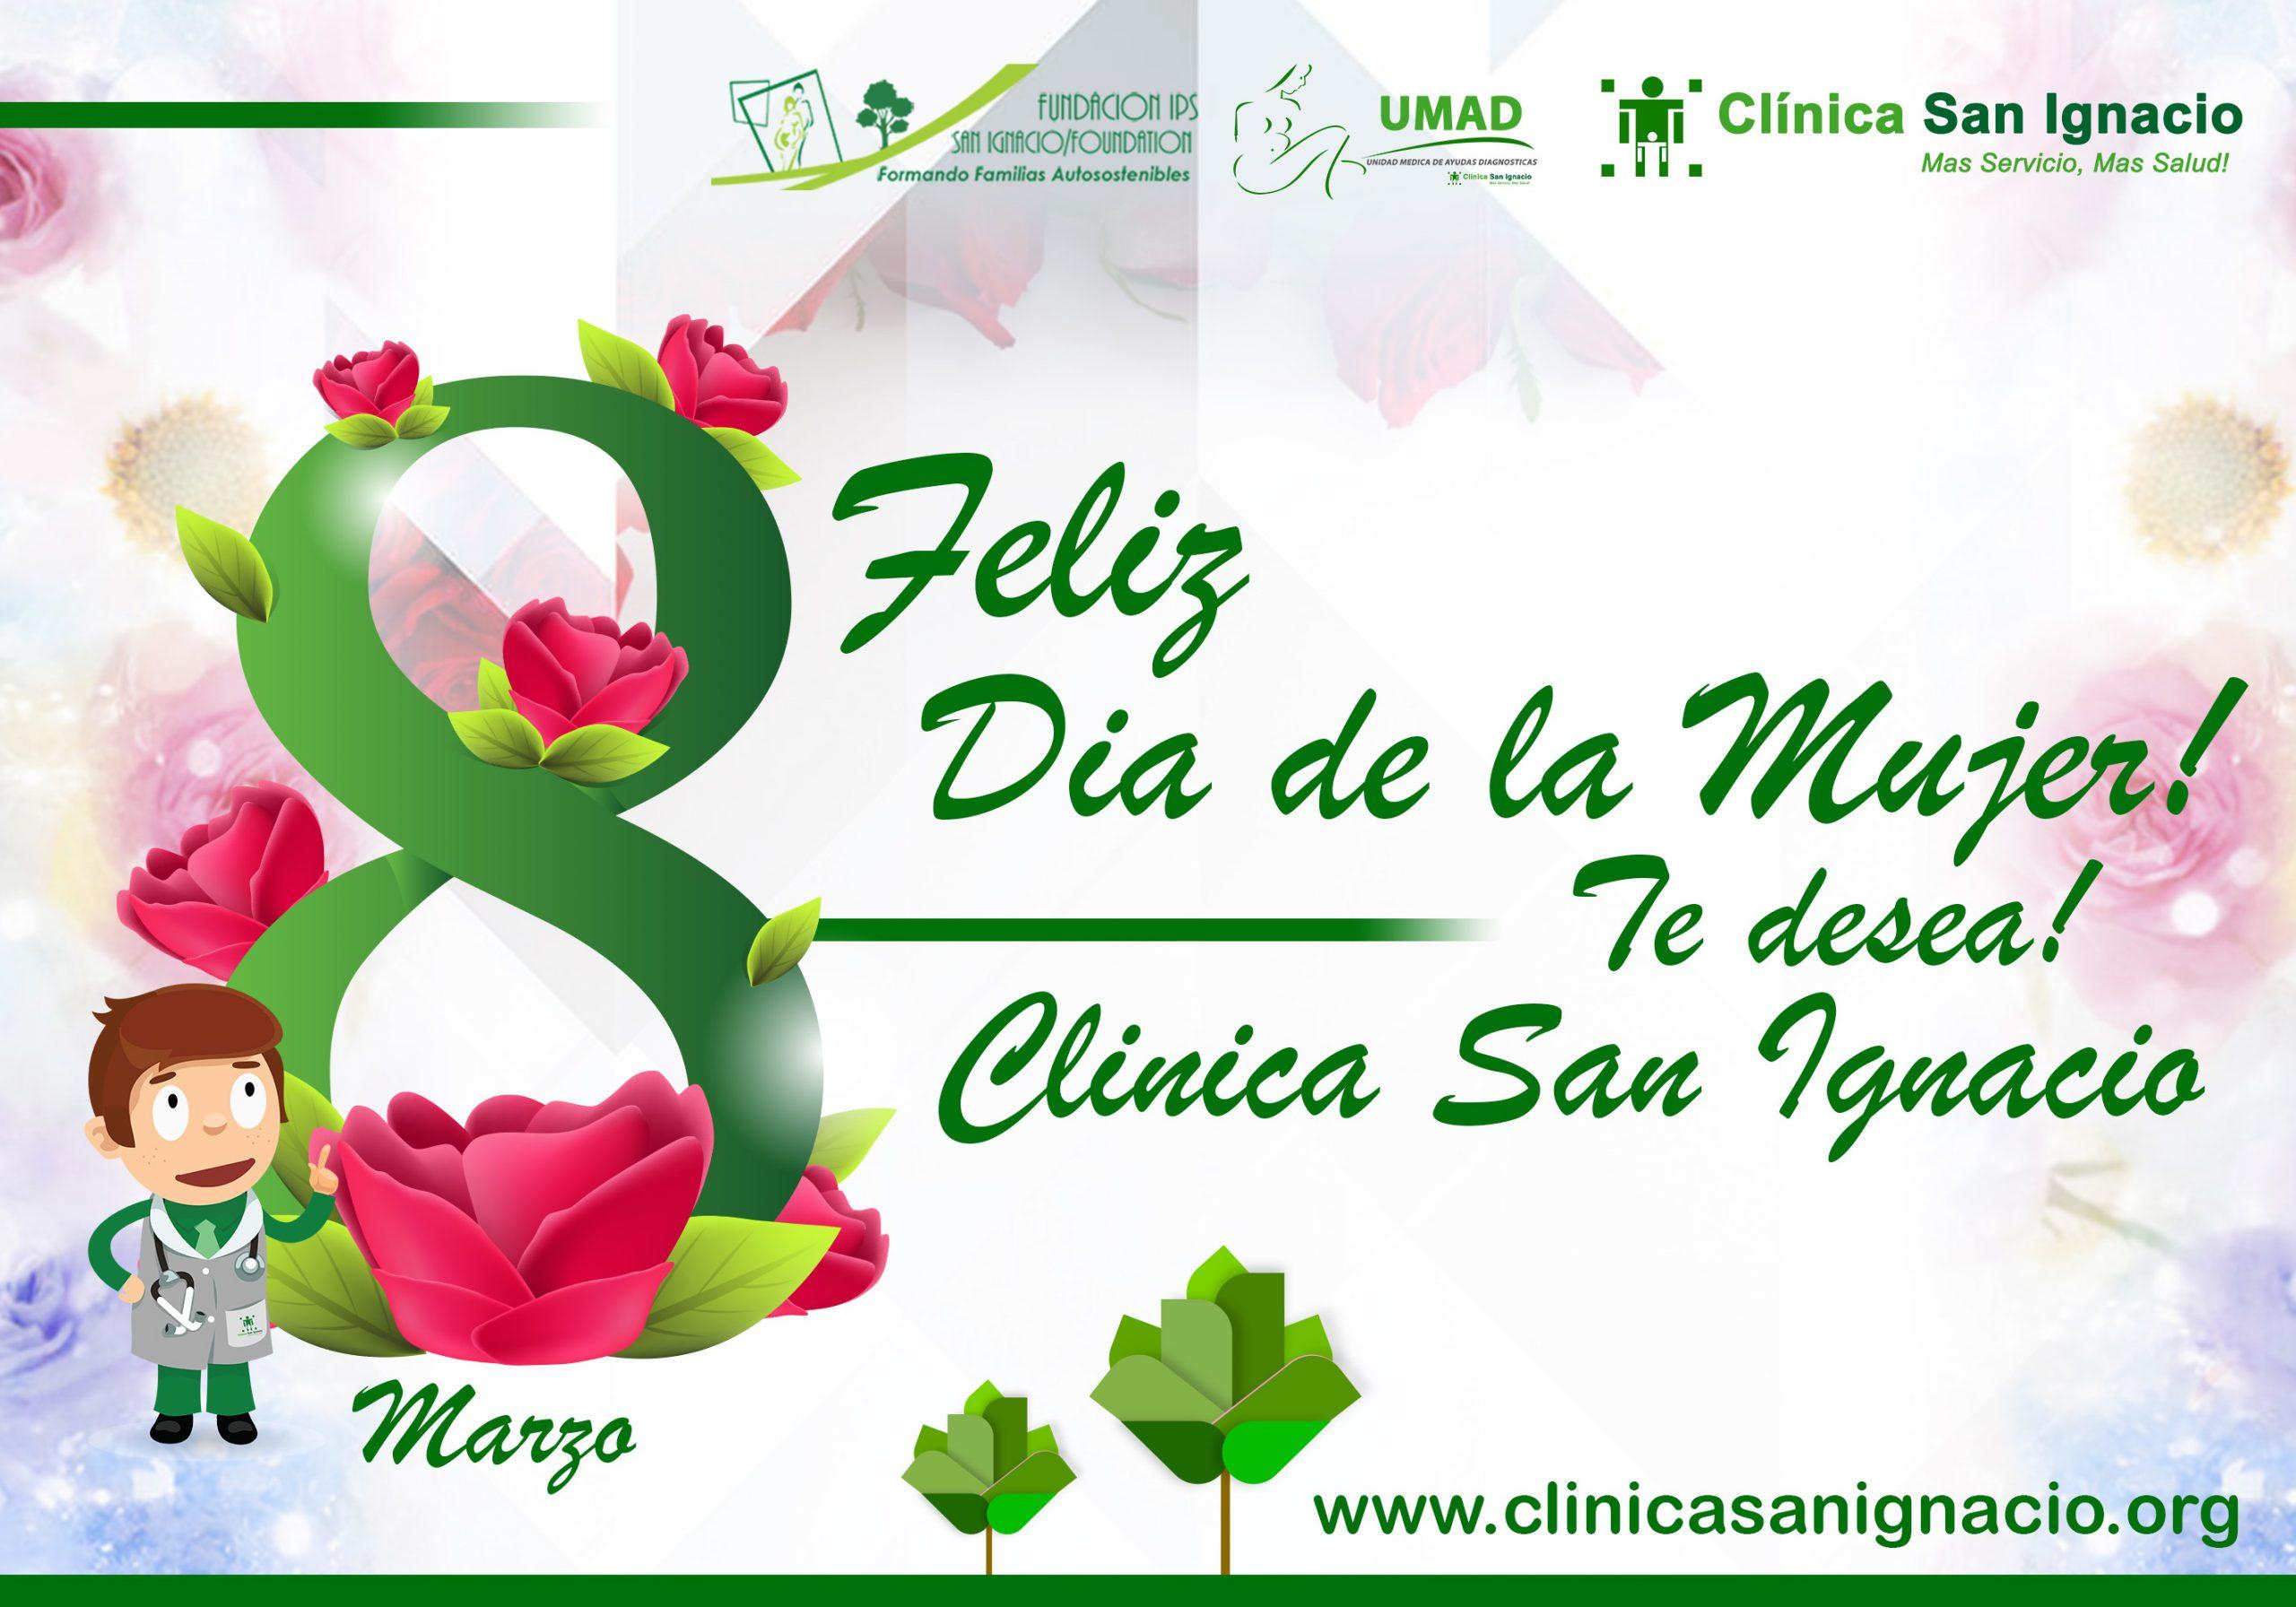 Tarjeta Dia De La Mujer Clinica San Ignacio Lo eres todo, lo mereces todo. clinica san ignacio